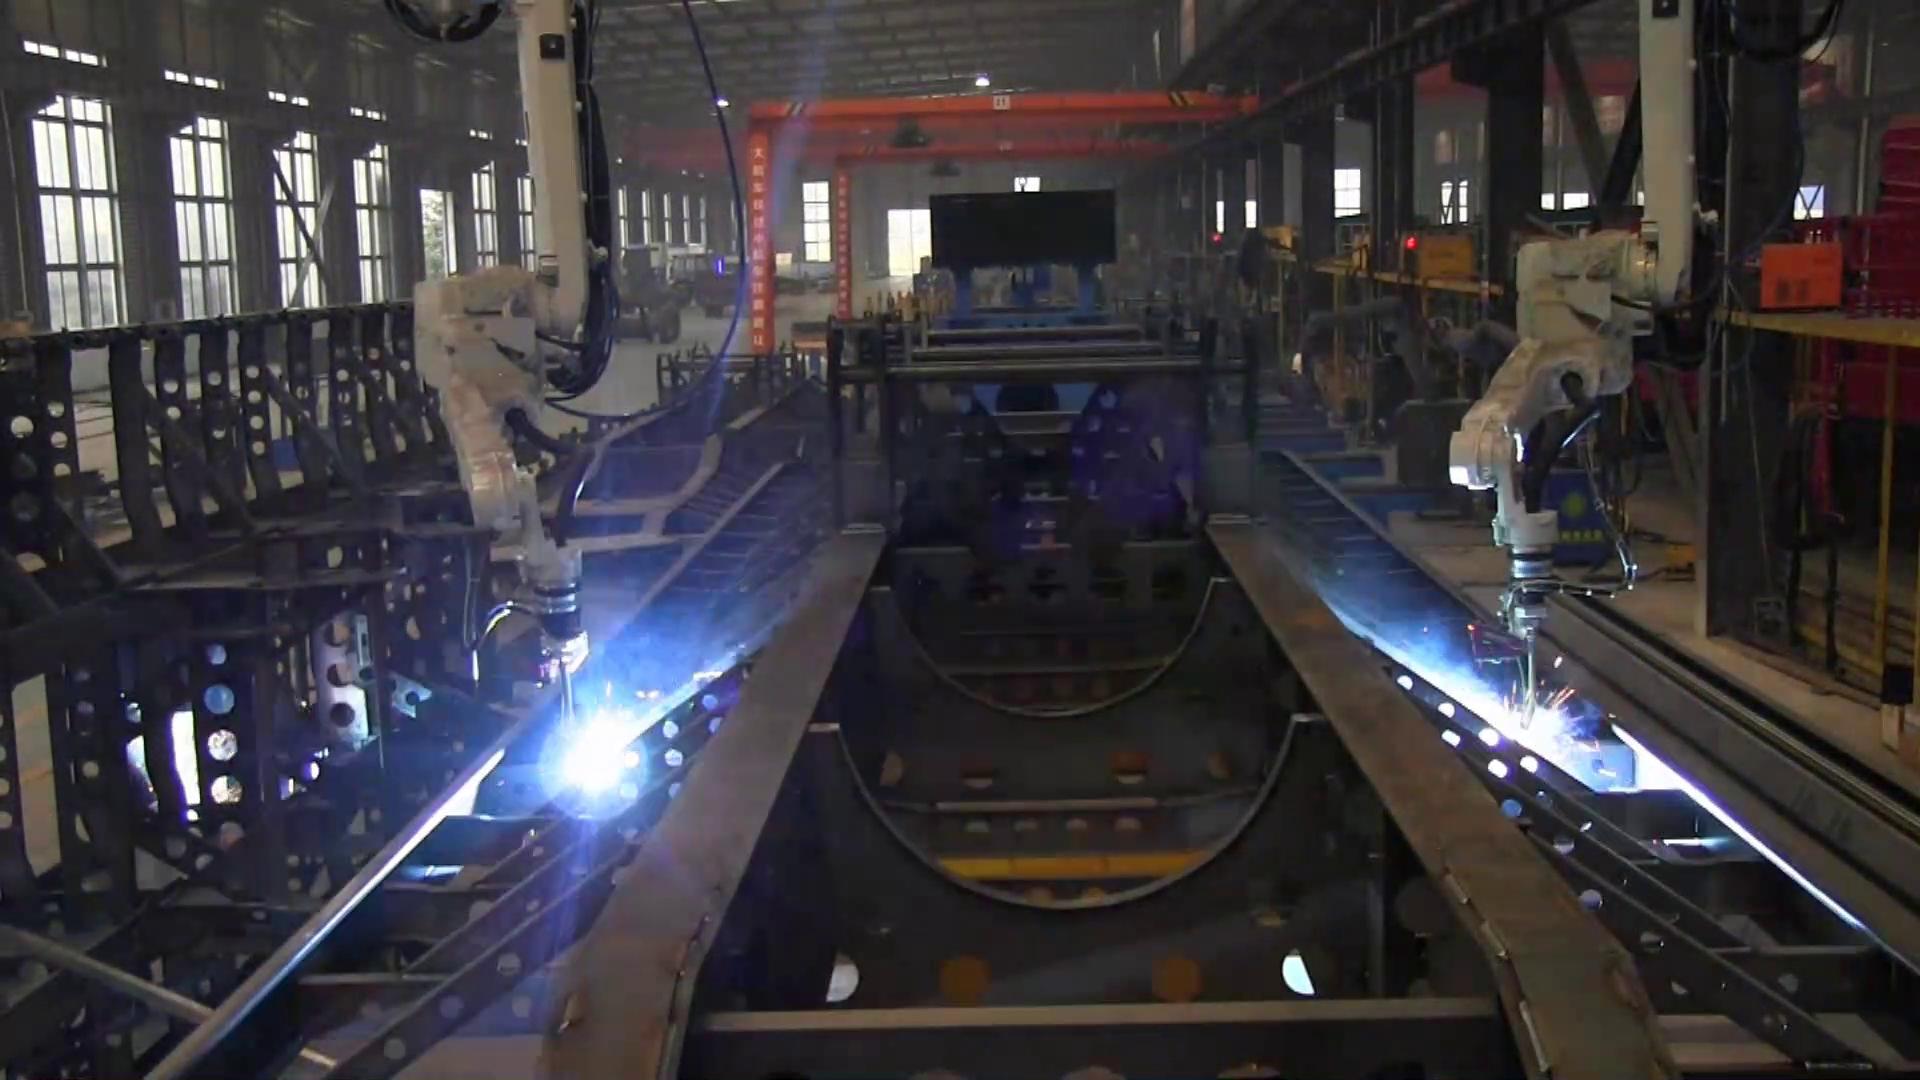 The frame welding robot